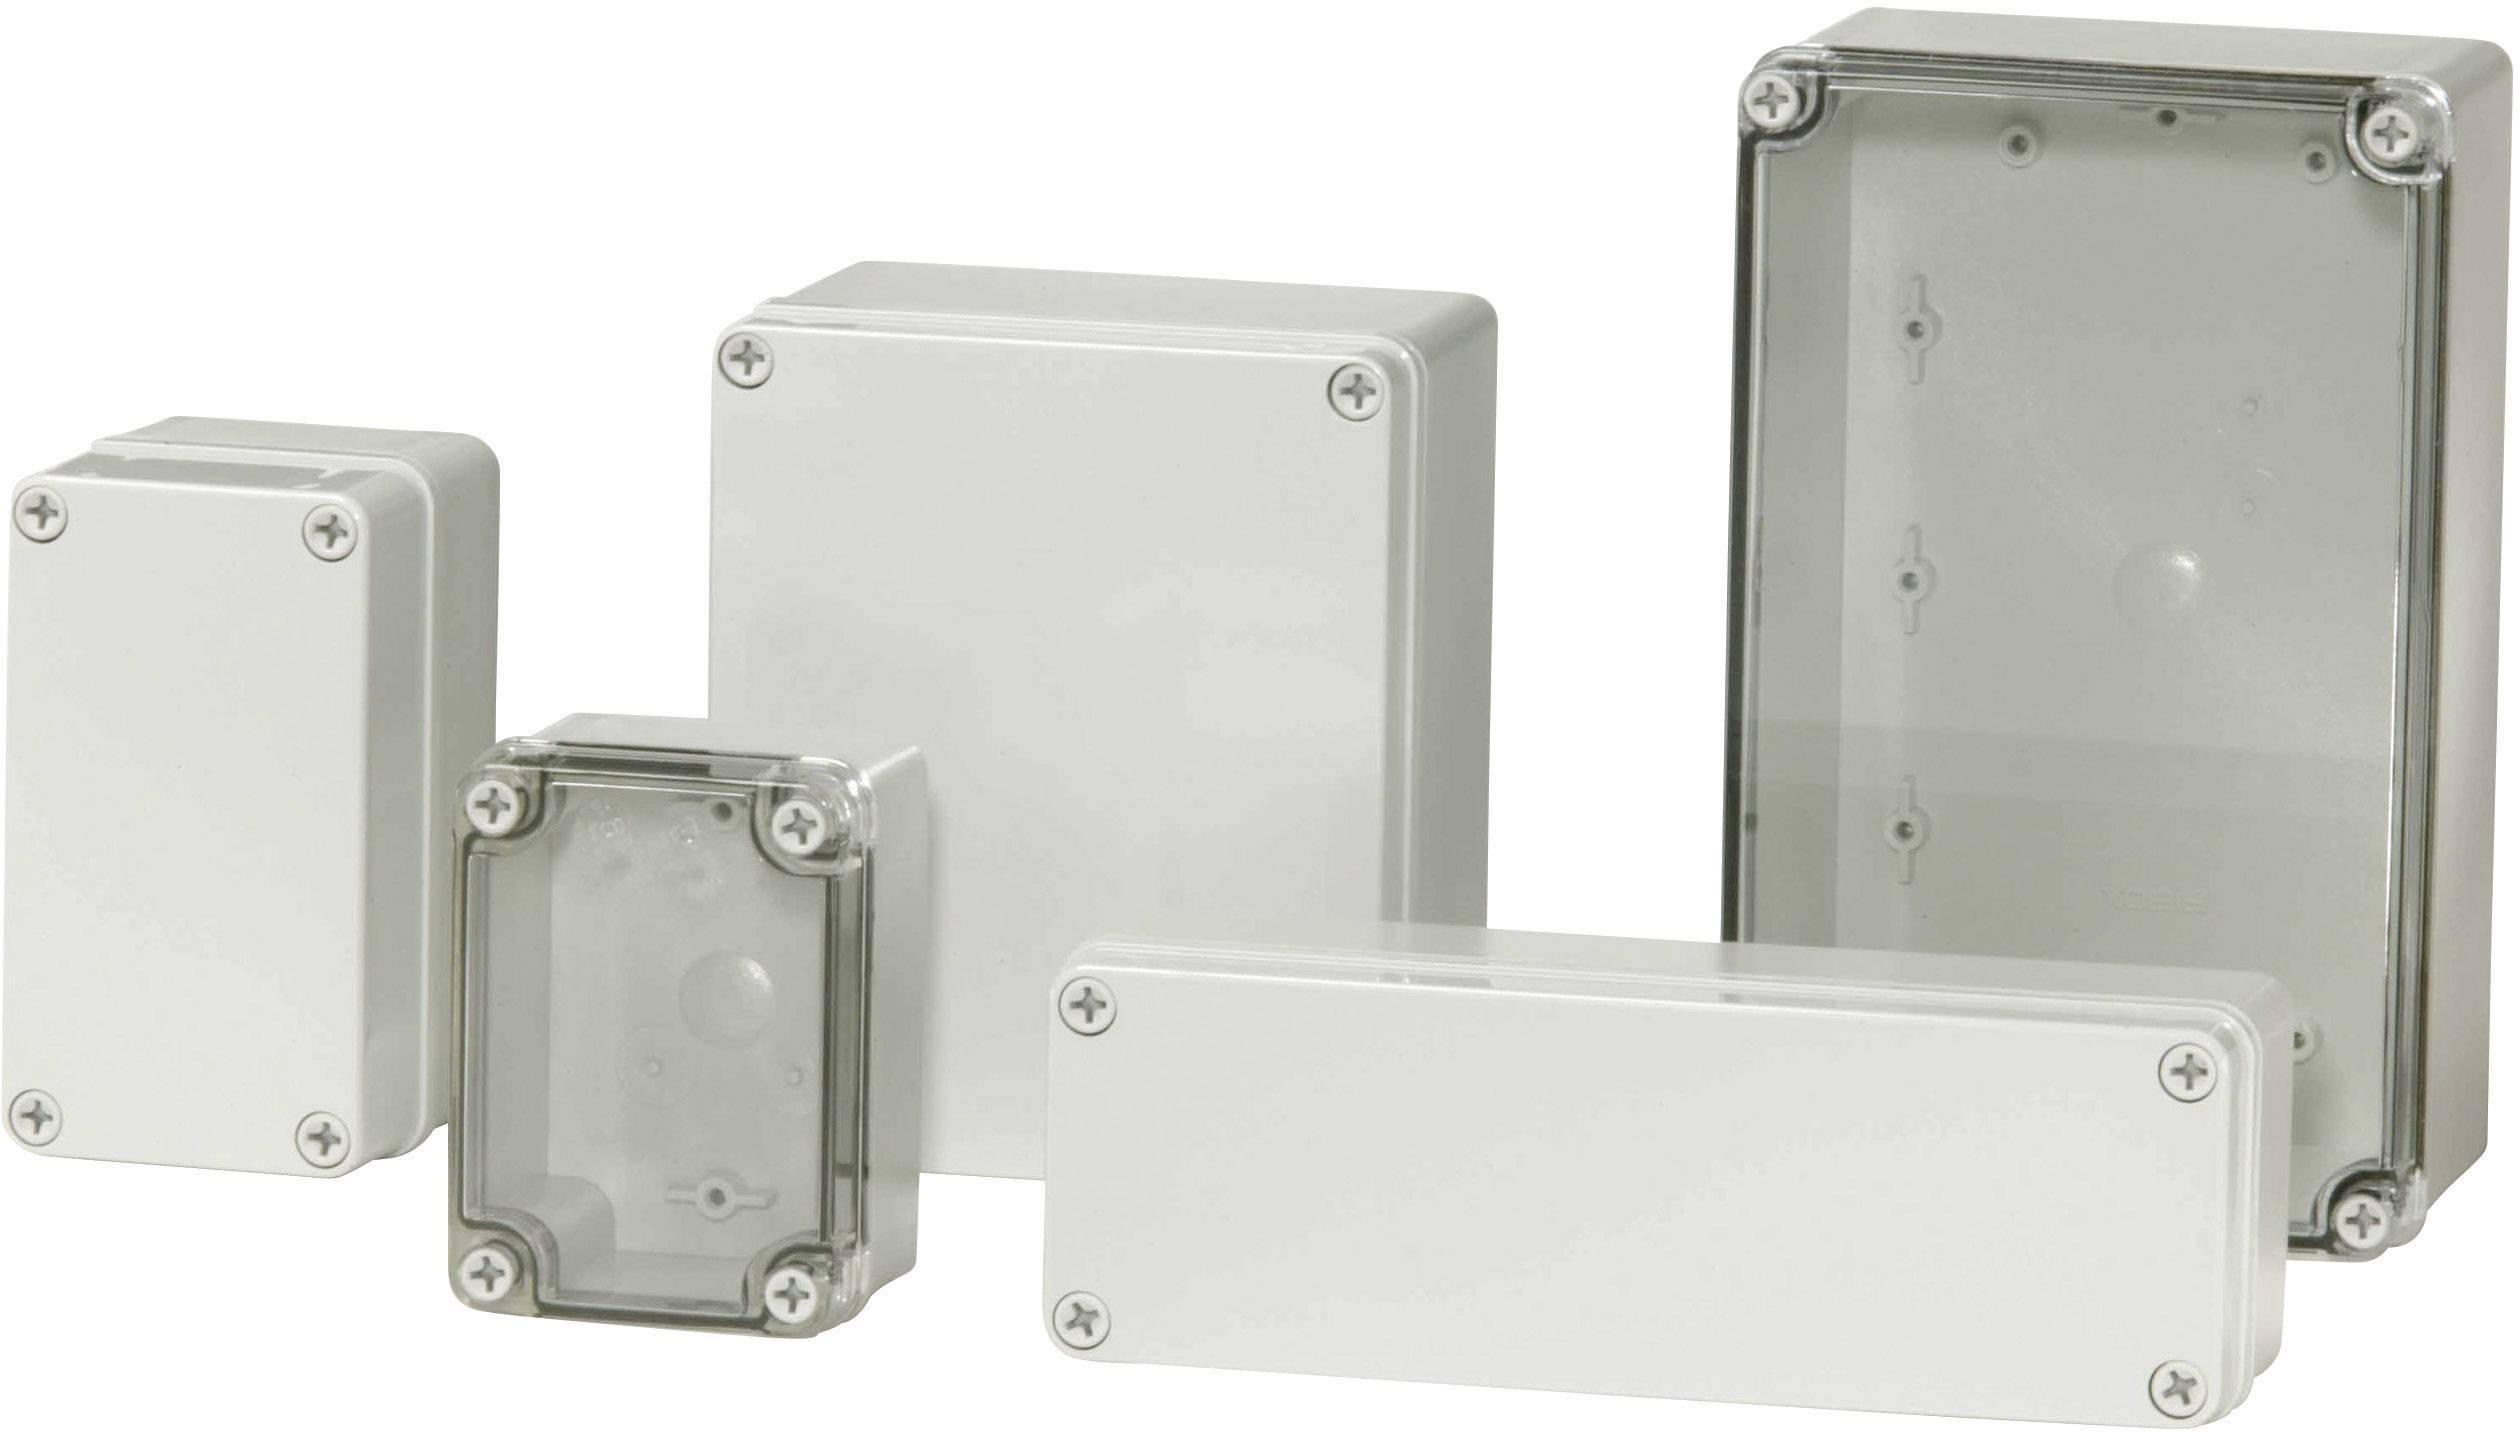 Inštalačná krabička Fibox PICCOLO ABS M 95 T 8784018, (d x š x v) 230 x 140 x 95 mm, ABS, svetlo sivá (RAL 7035), 1 ks